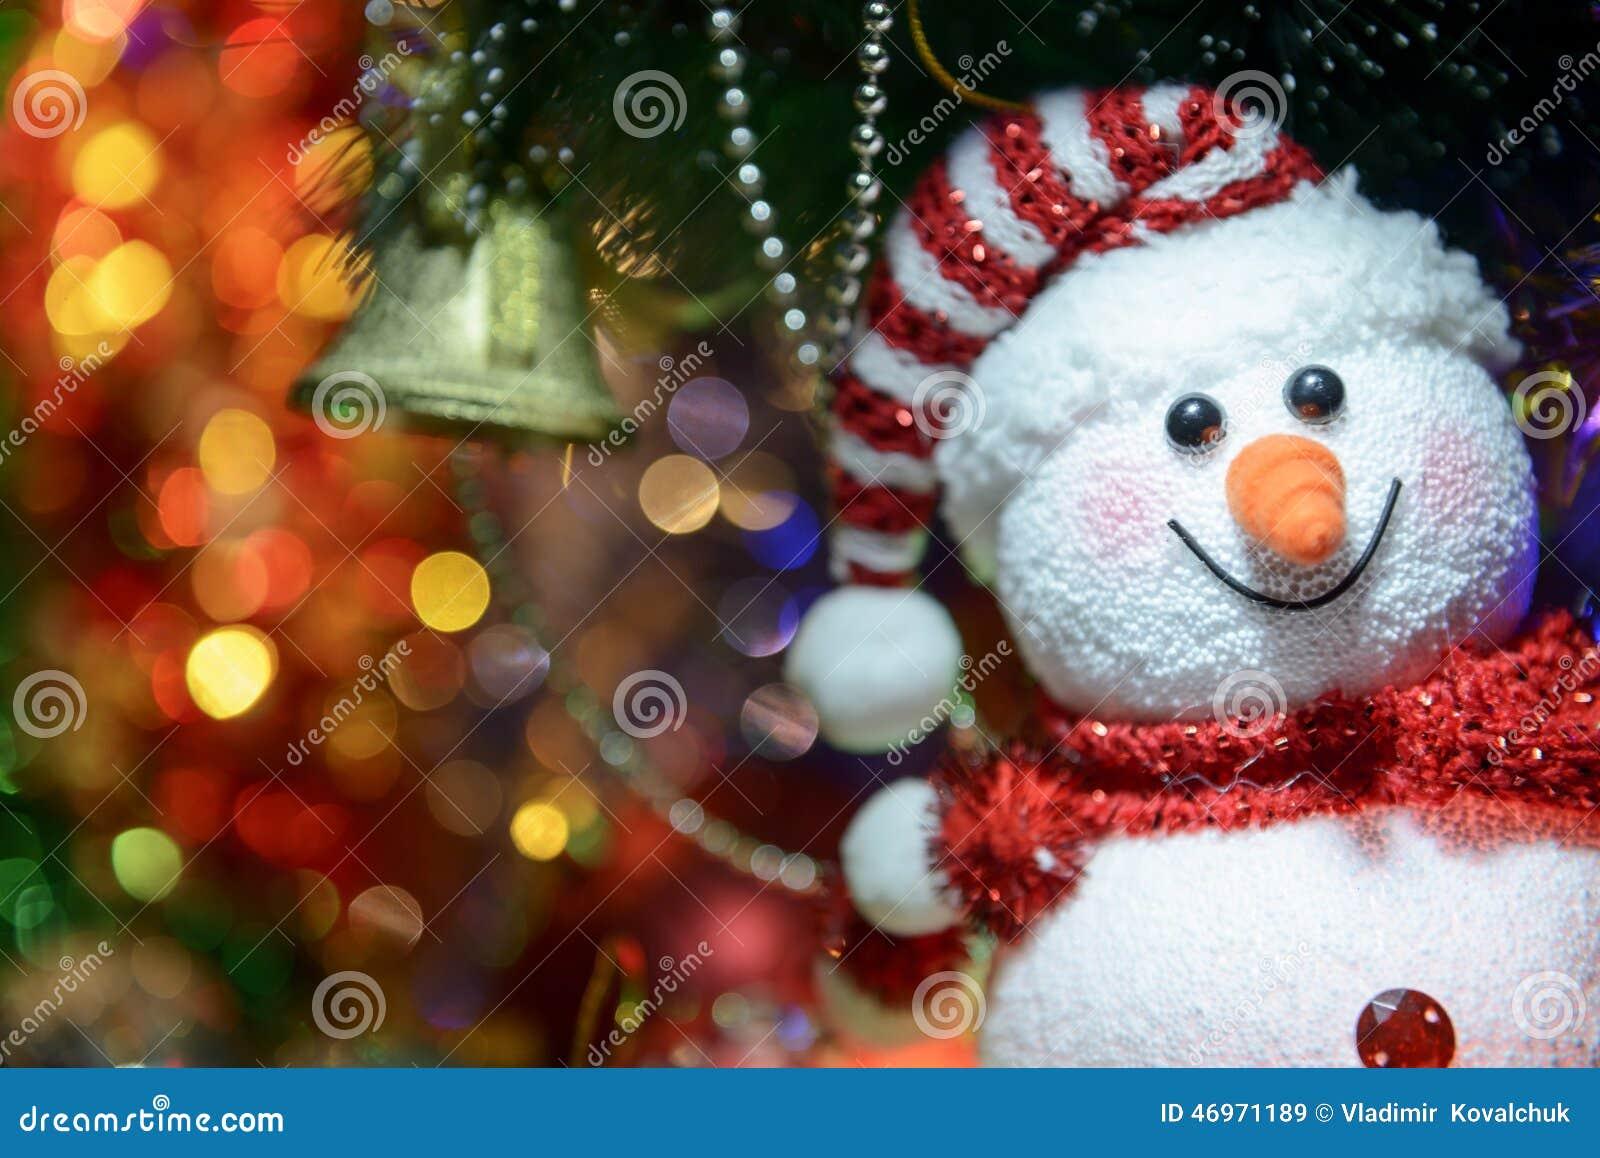 Fairytale Christmas Decorations.Fairytale Christmas Composition With Snowman And Christmas